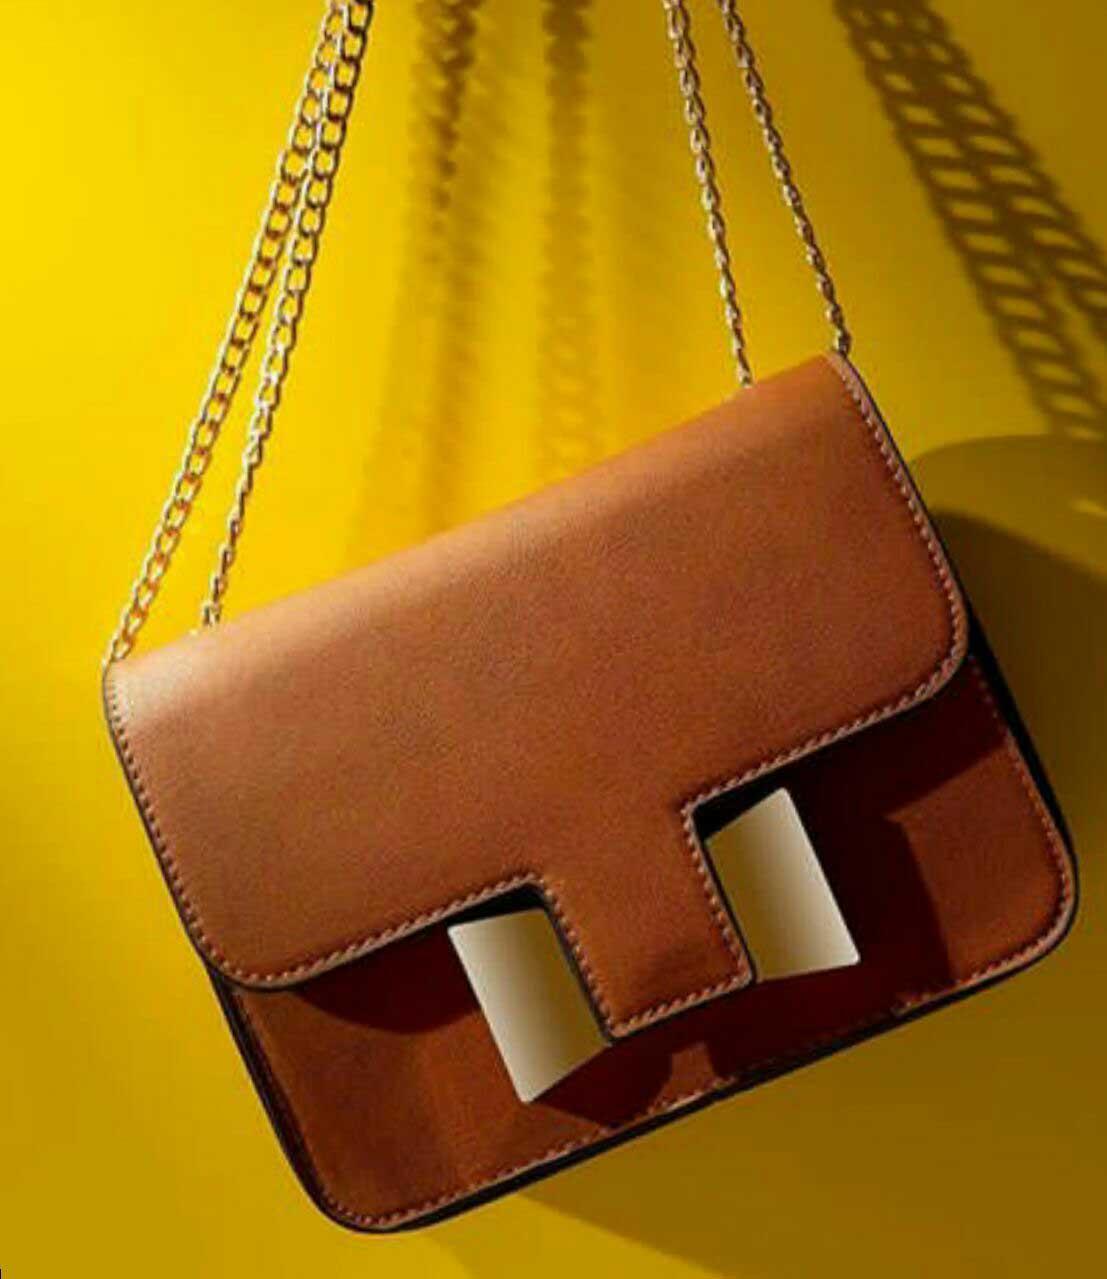 عکاسی کیف زنانه توسط مهندس سهراب نعیمی عکاسی تبلیغاتی عکاسی محصولات صنعتی